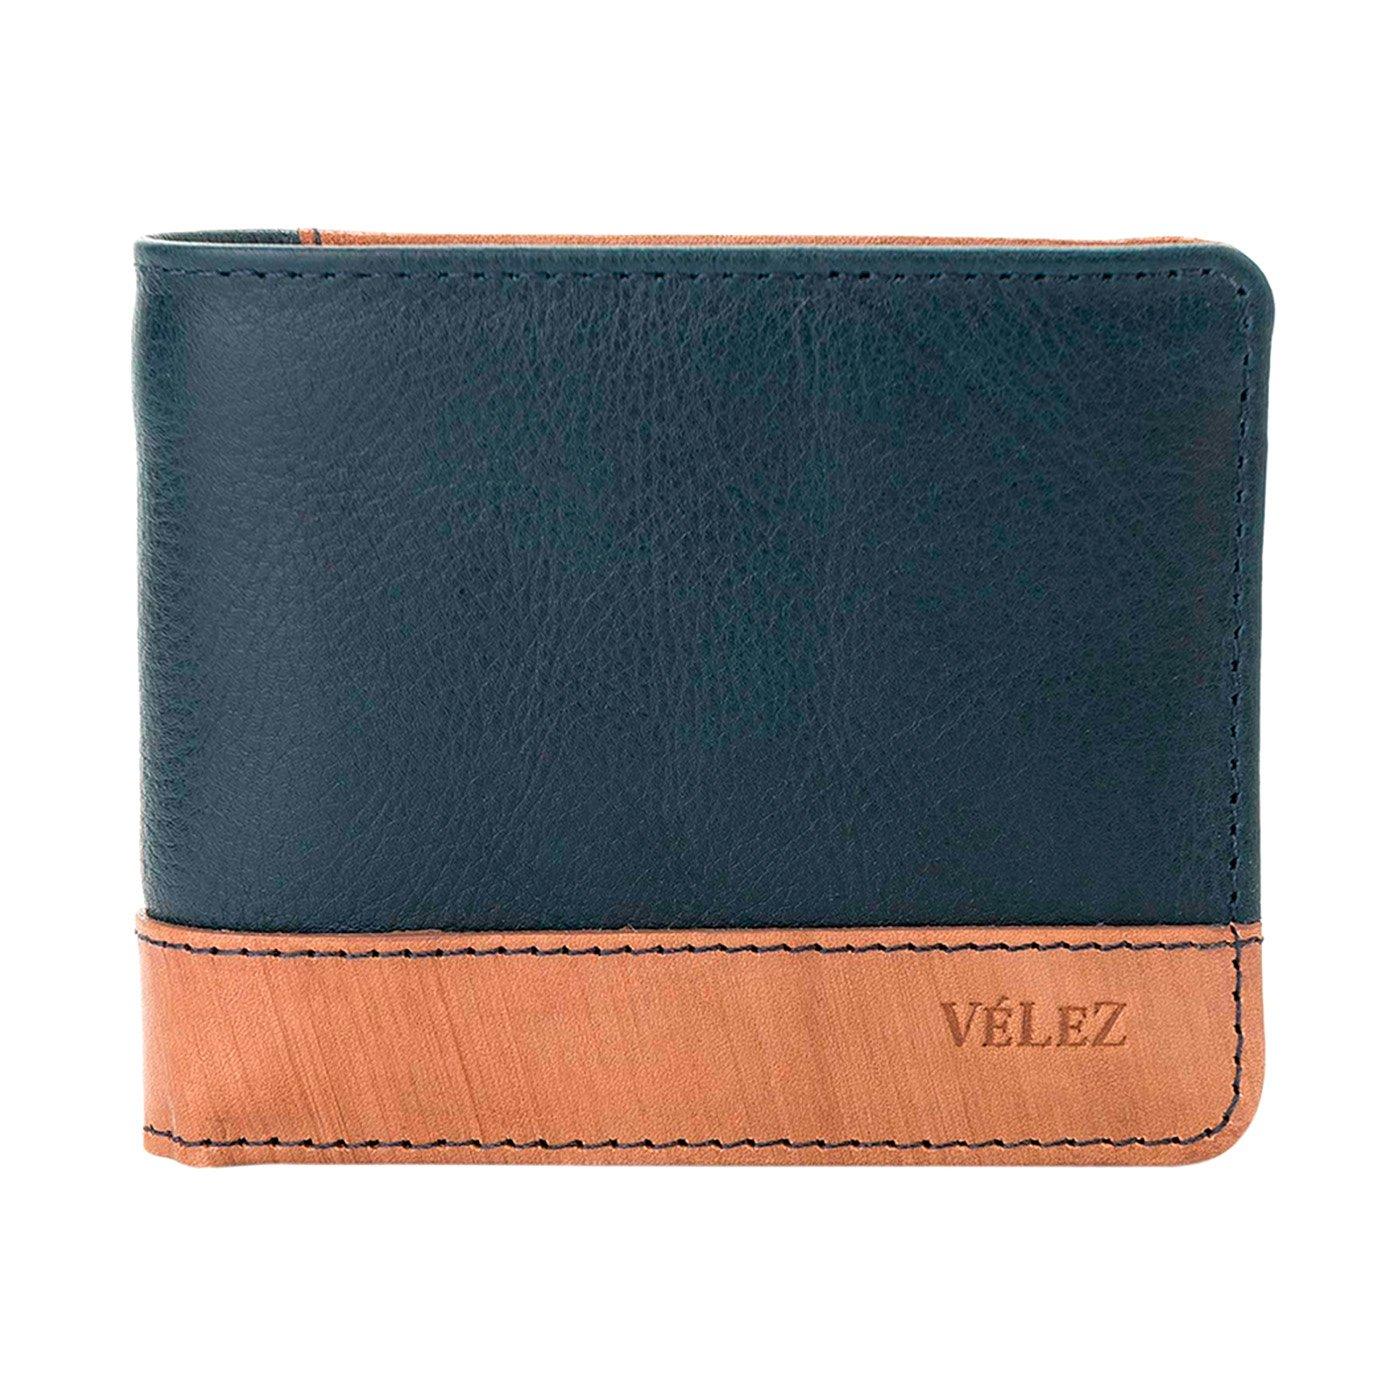 VÉLEZ 20390 Leather Bifold Wallets For Men | Cartera De Cuero De Hombre Navy at Amazon Mens Clothing store: